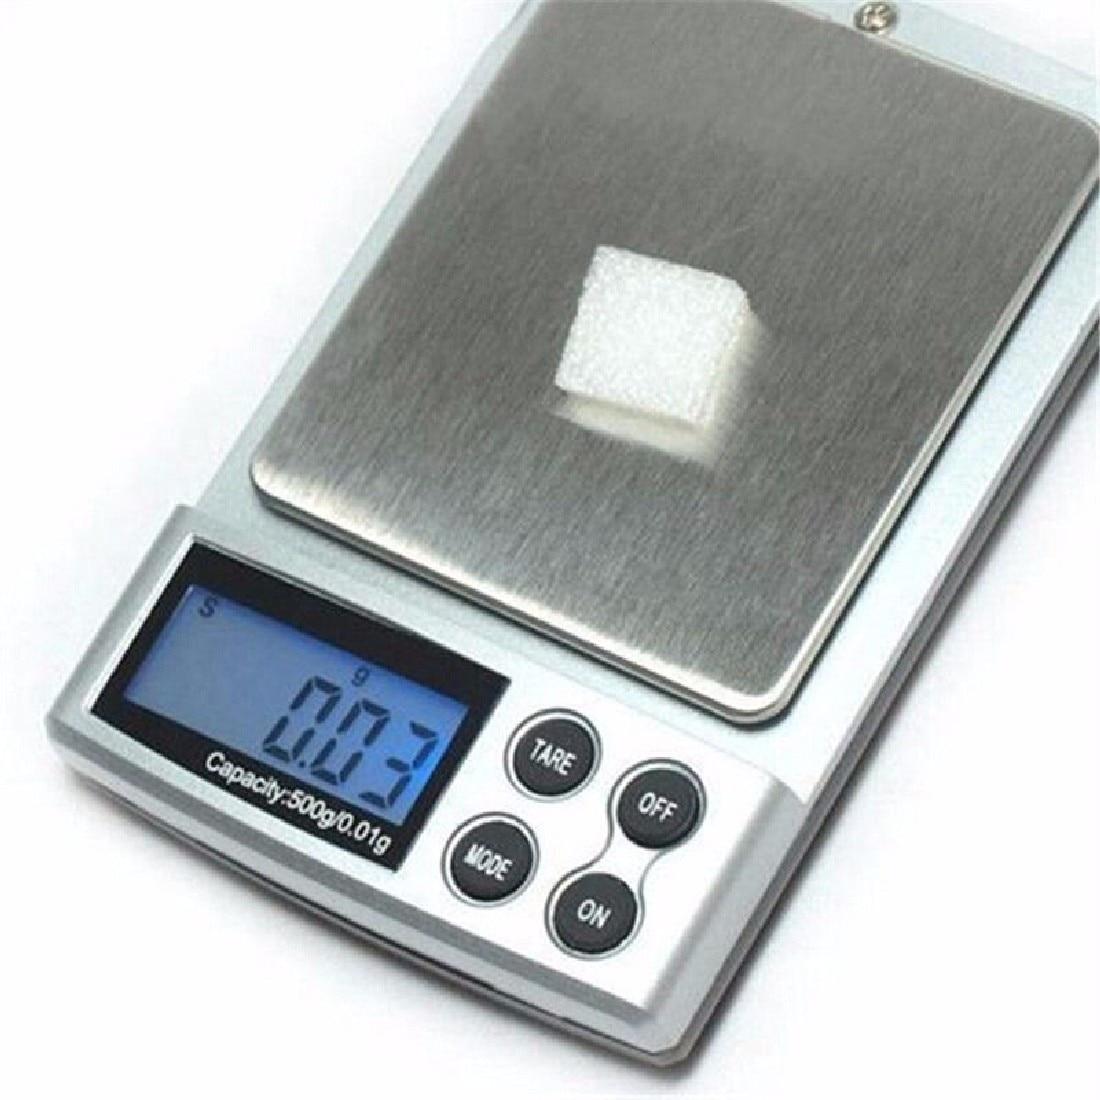 1pc 500g x 0.01g Escala de precisión digital Oro Plata Joyería Básculas de equilibrio de peso Unidades de pantalla LCD Básculas electrónicas de bolsillo